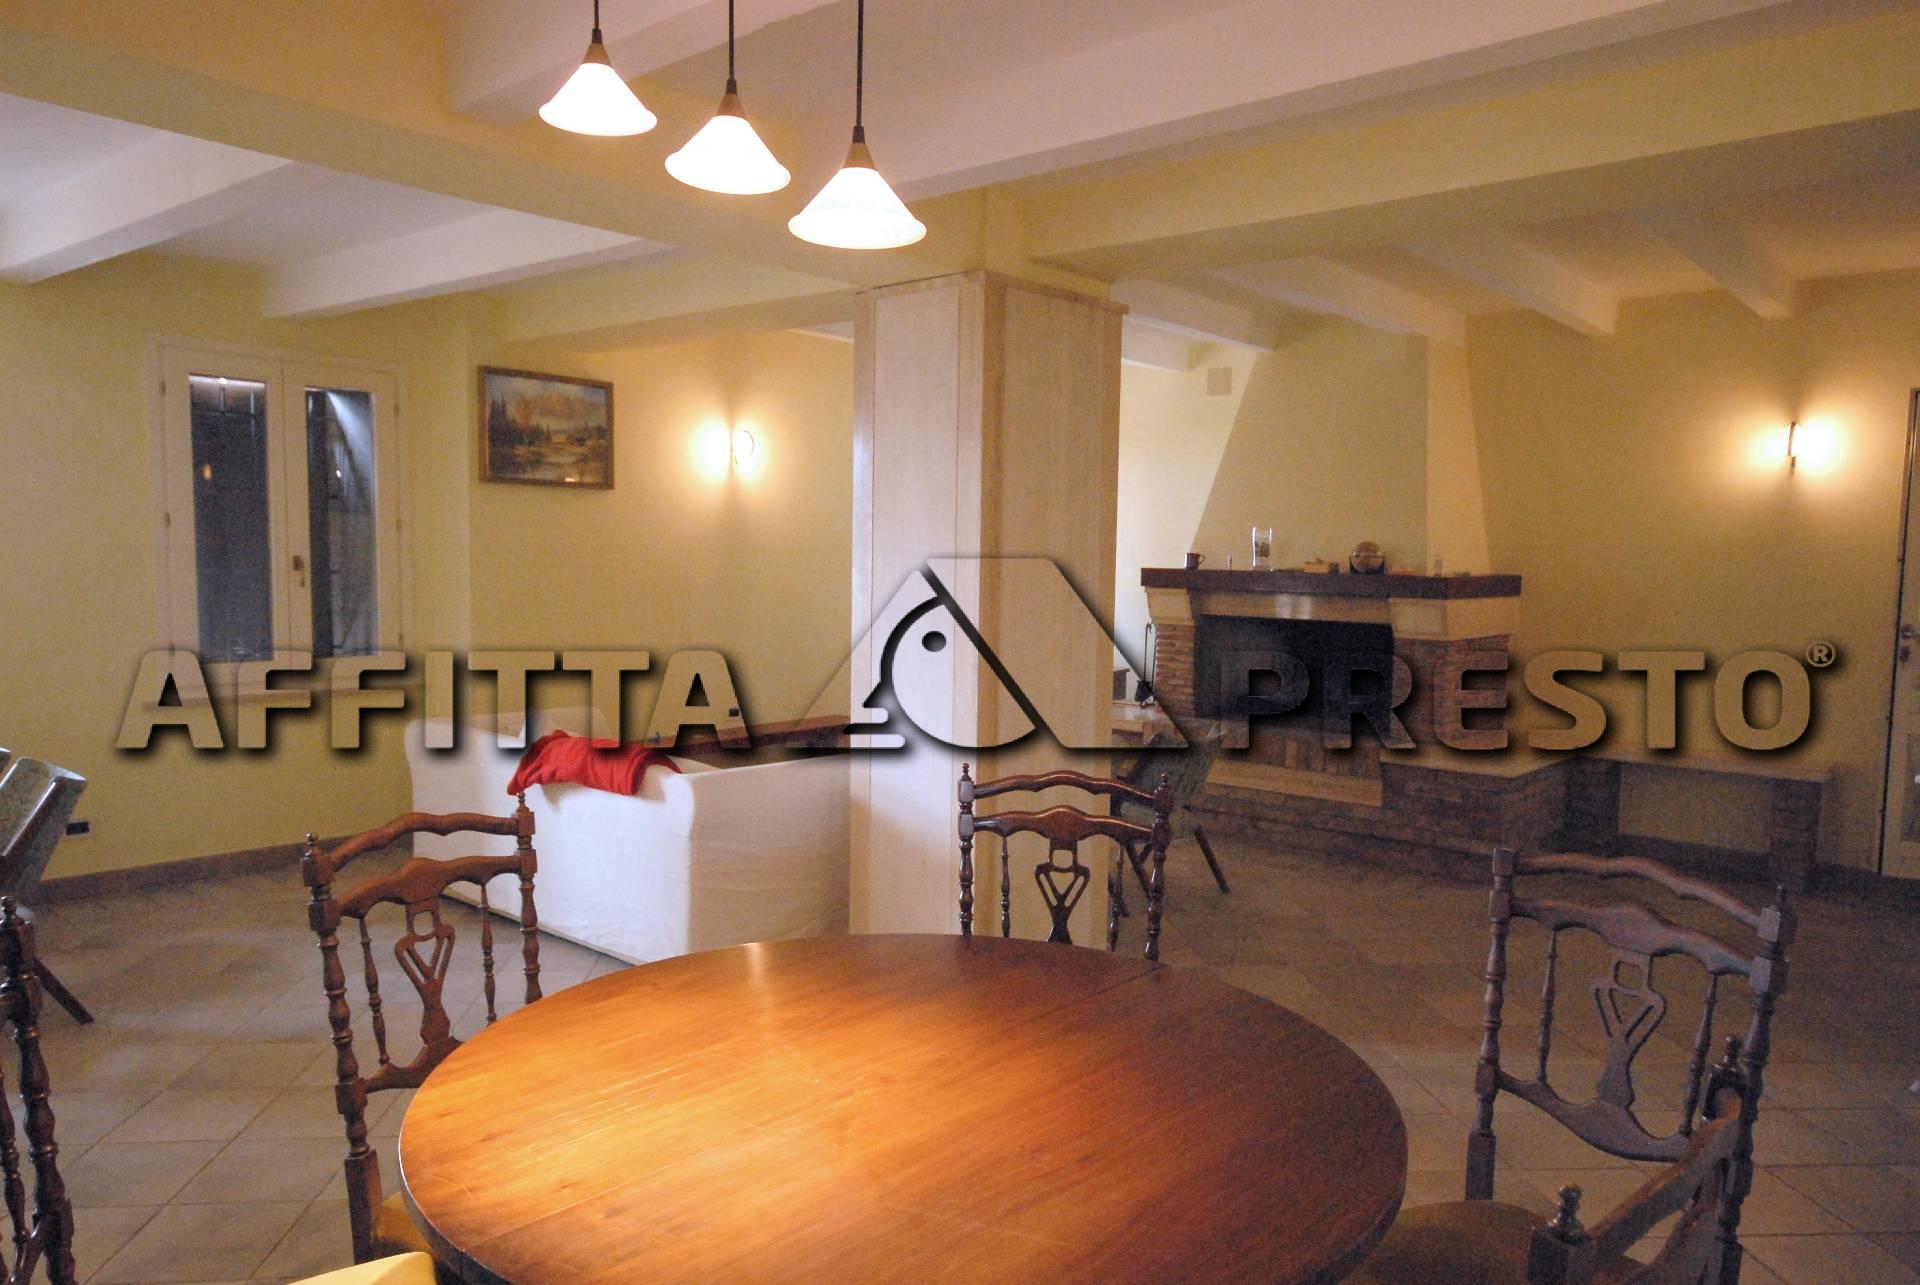 Appartamento in affitto a Cesena, 5 locali, zona Zona: LIZZANO, prezzo € 1.500 | Cambio Casa.it